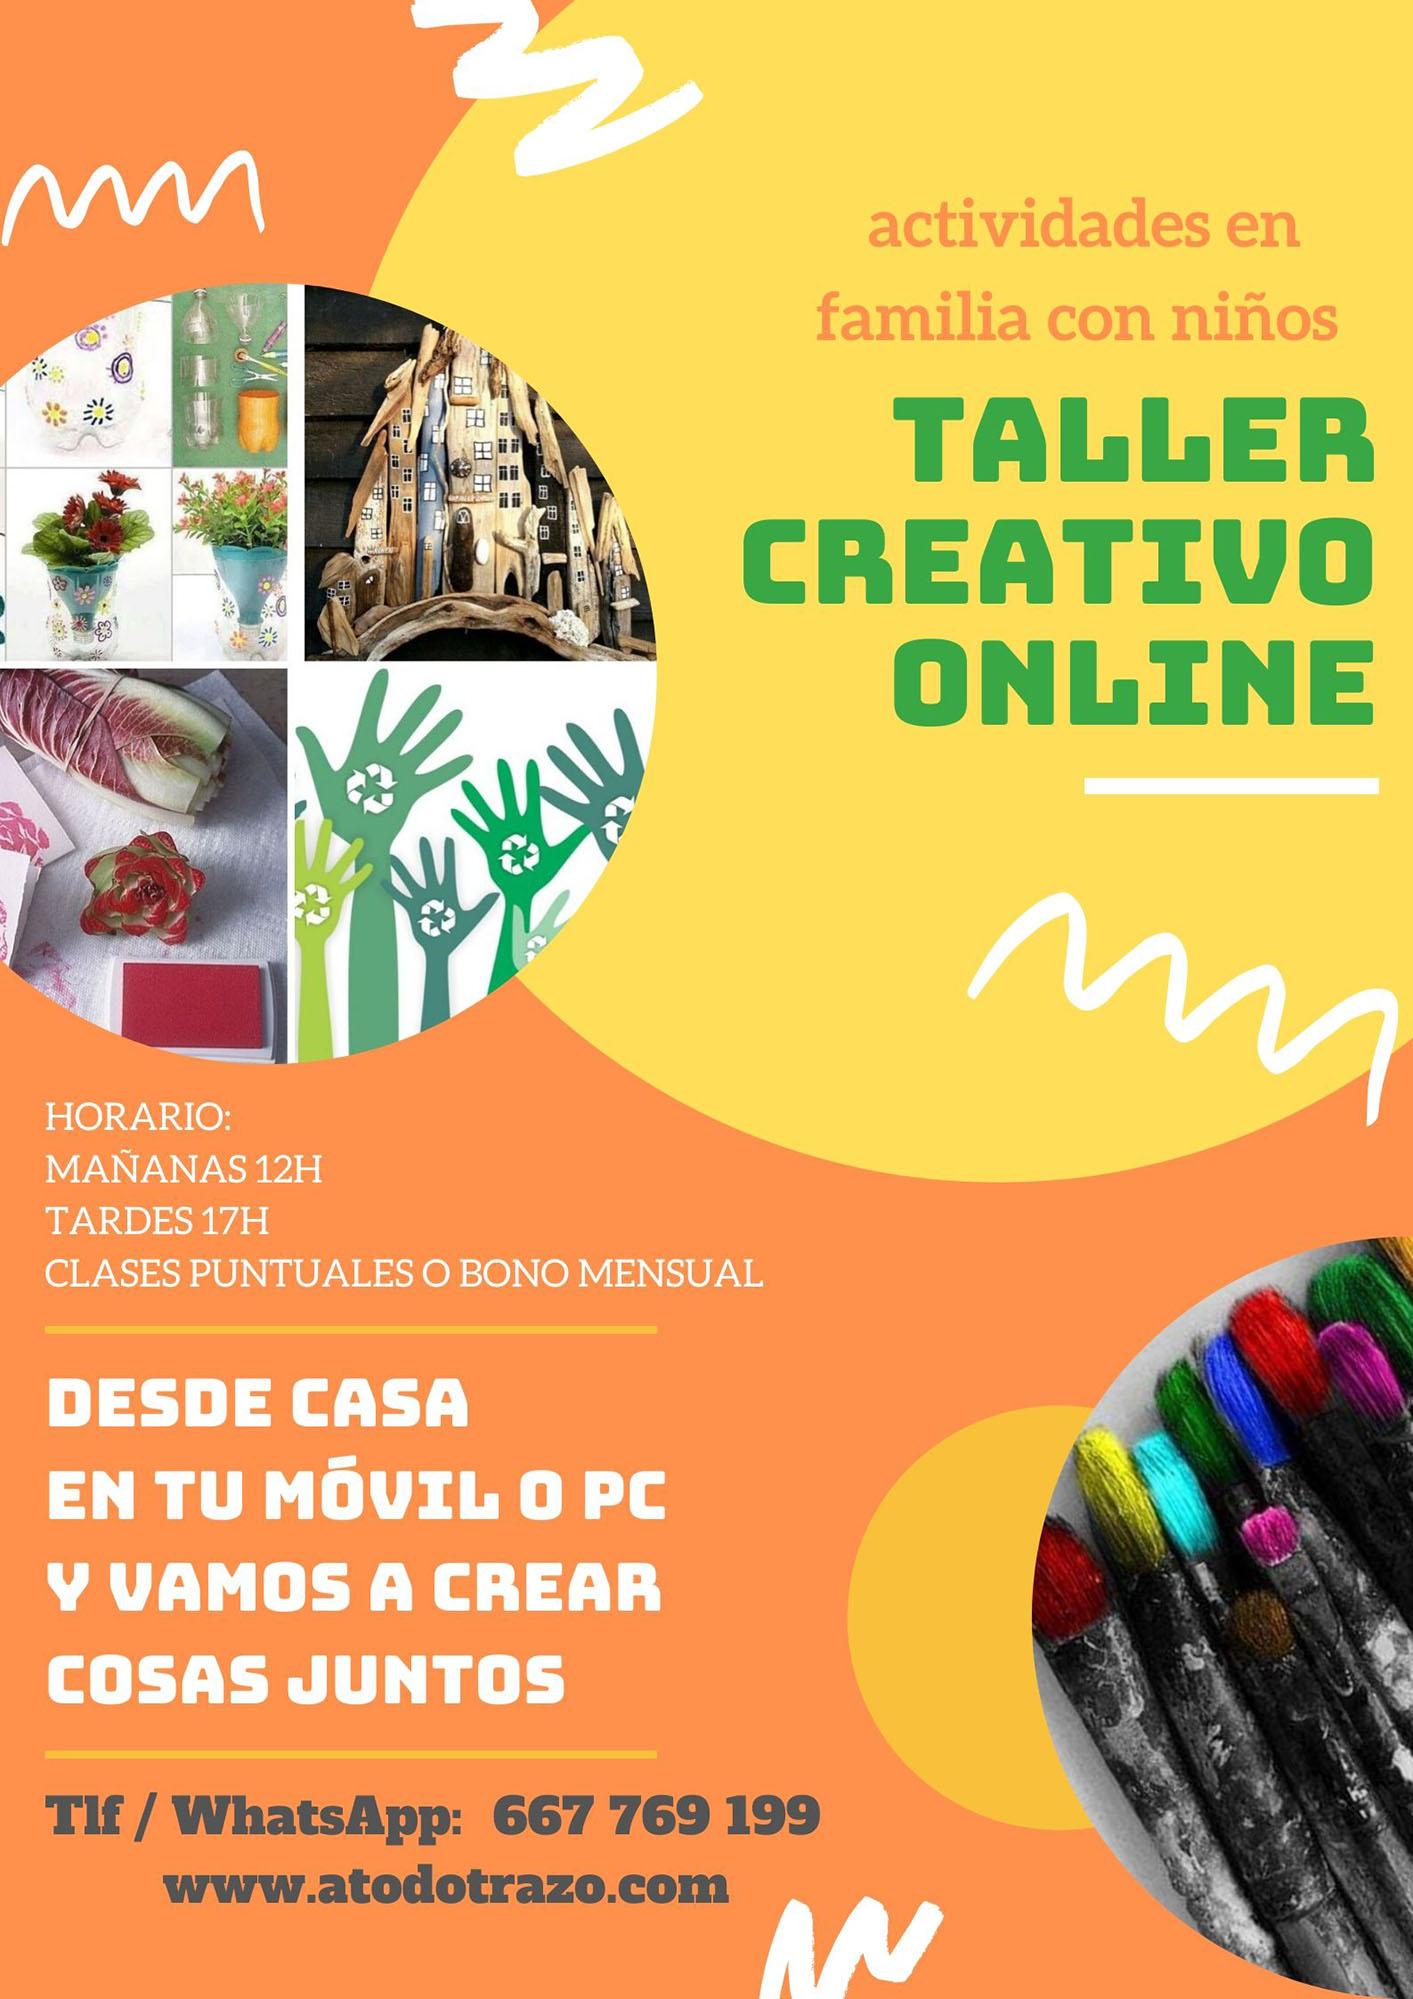 taller creativo, online, alleres infantiles, reciclaje creativo, educacion infantil, diversion, familia, niños